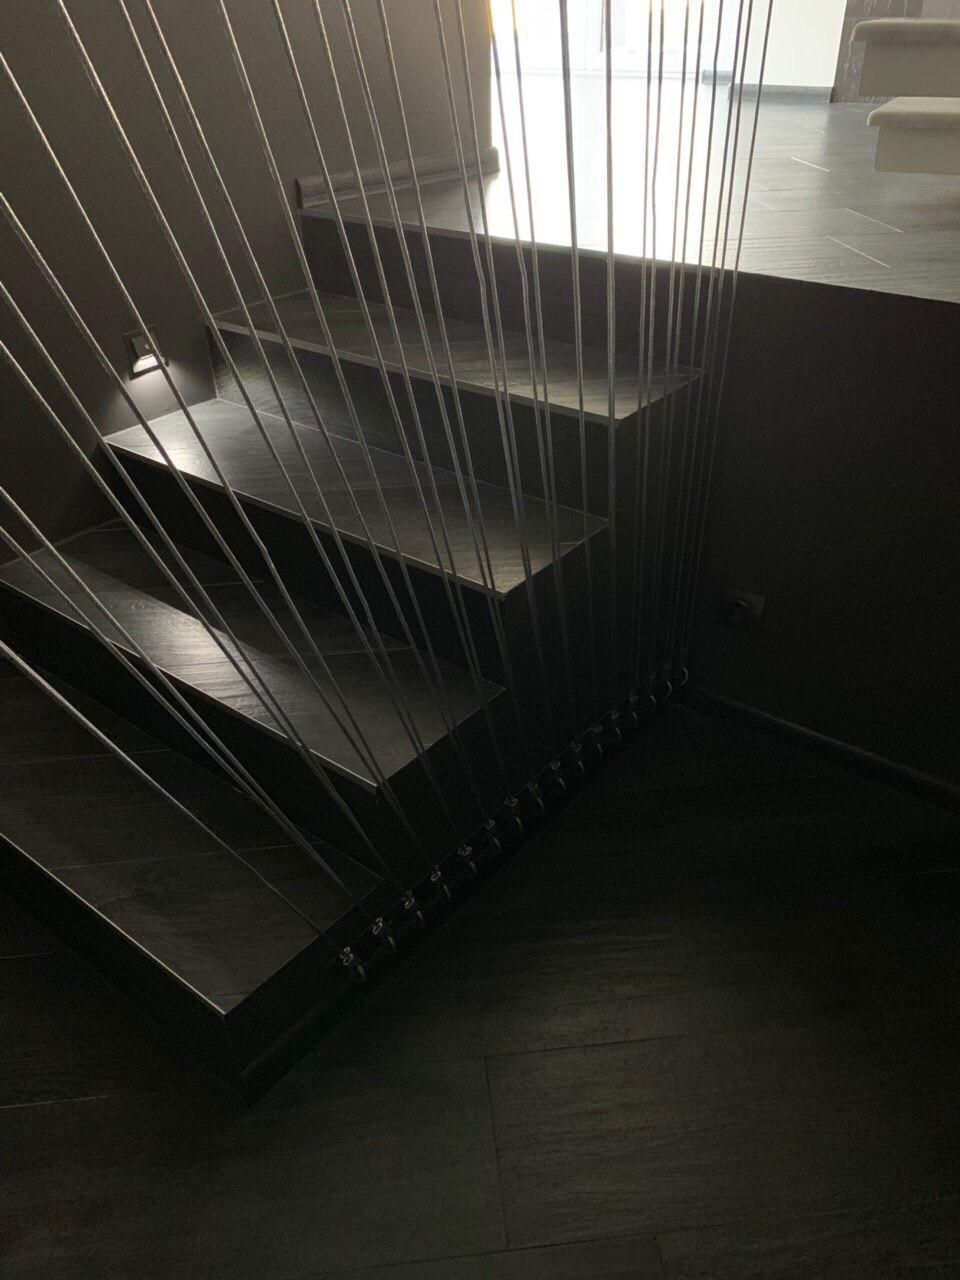 Сходи конструкції пристінний косоур з форменими ступенями 1